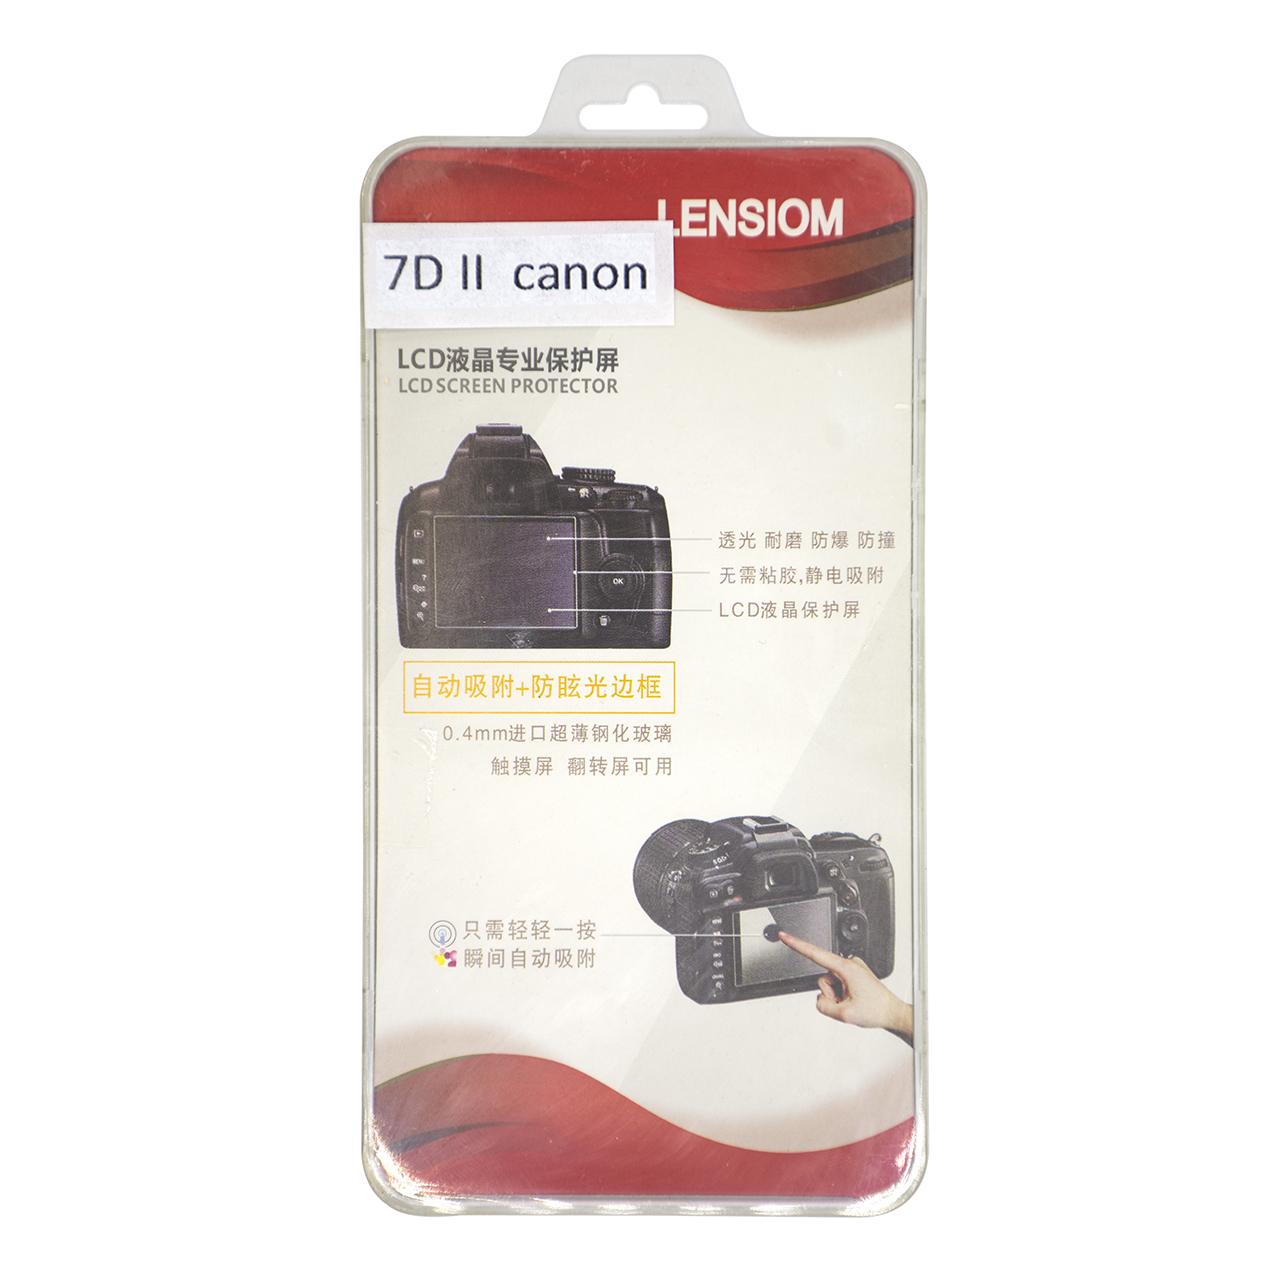 محافظ صفحه نمایش دوربین لنزیوم مدل L7D مناسب برای کانن 7D II